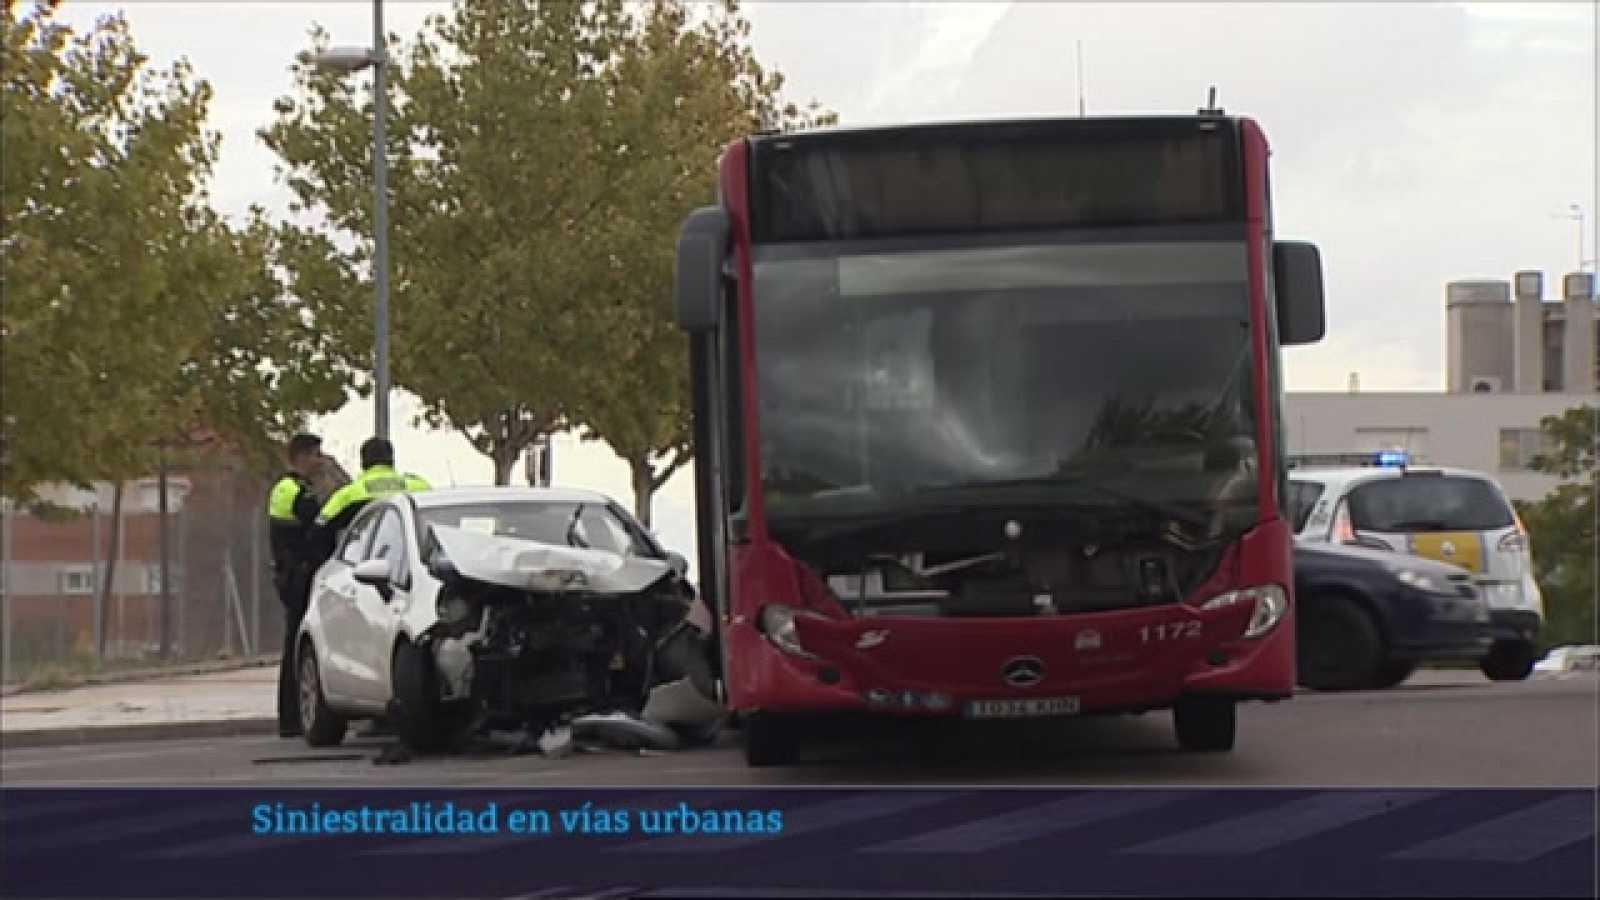 Siniestralidad en vías urbanas - 12/05/2021